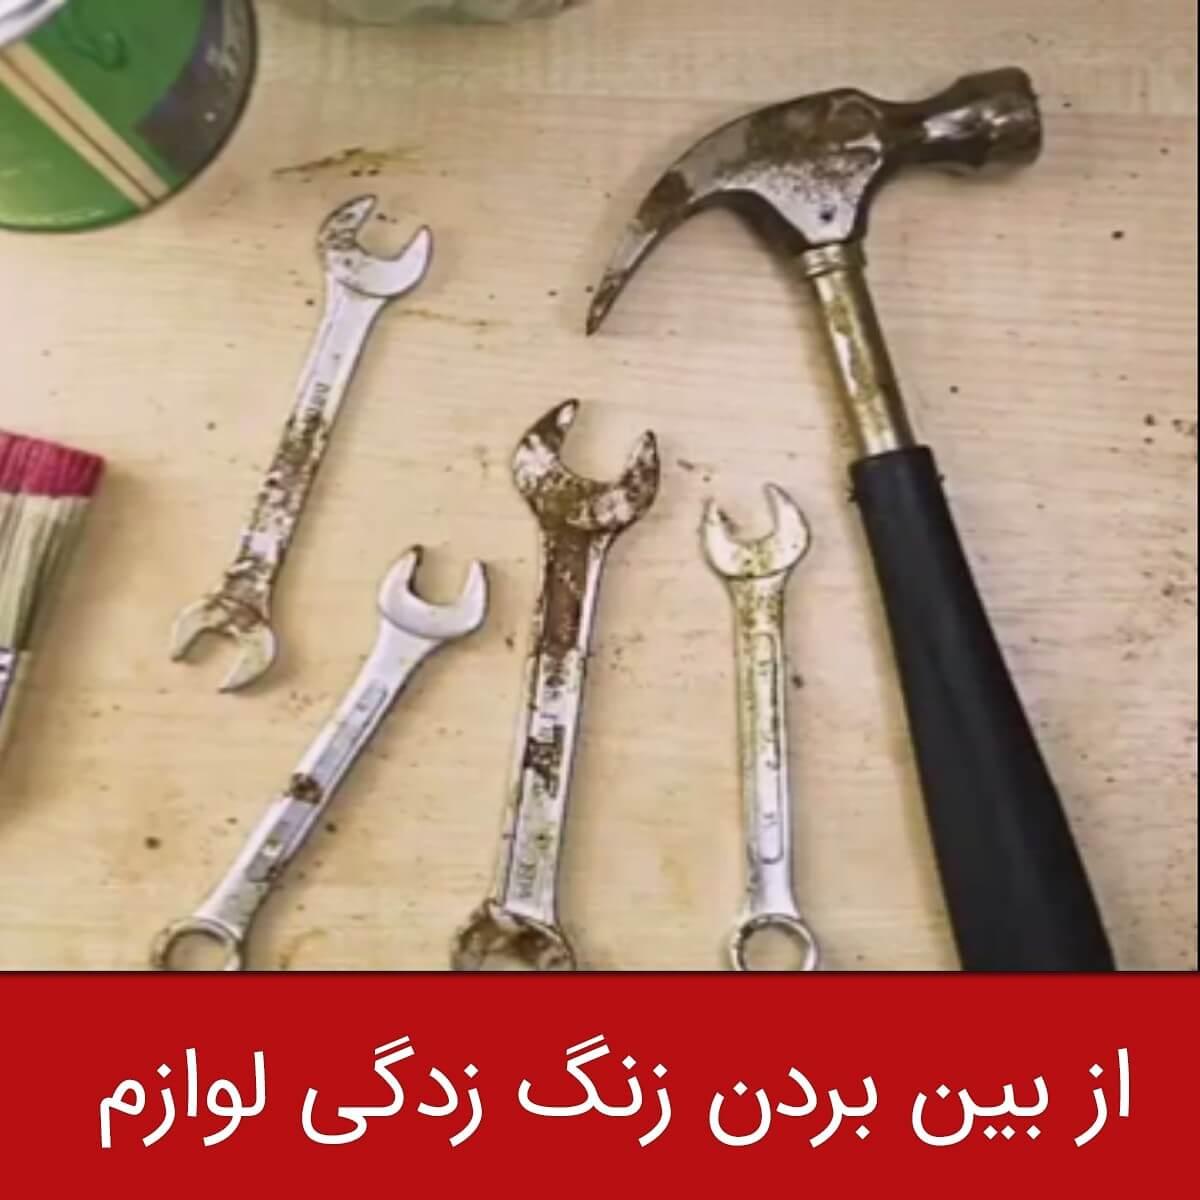 تصویر از از بین بردن زنگ زدگی ابزار آلات و وسایل بسیار آسان است.